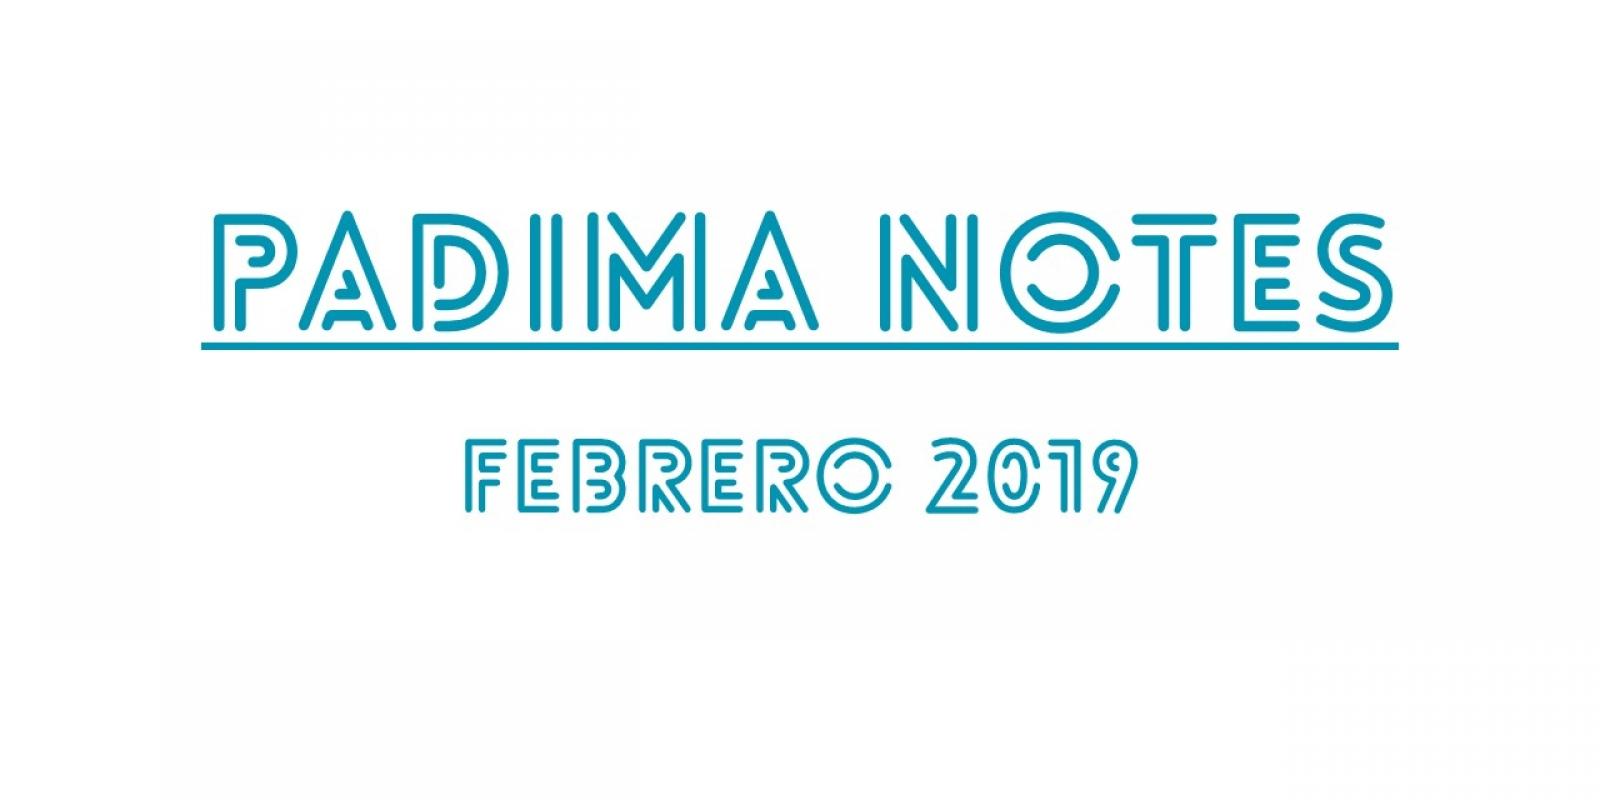 PADIMA NOTES. febrero